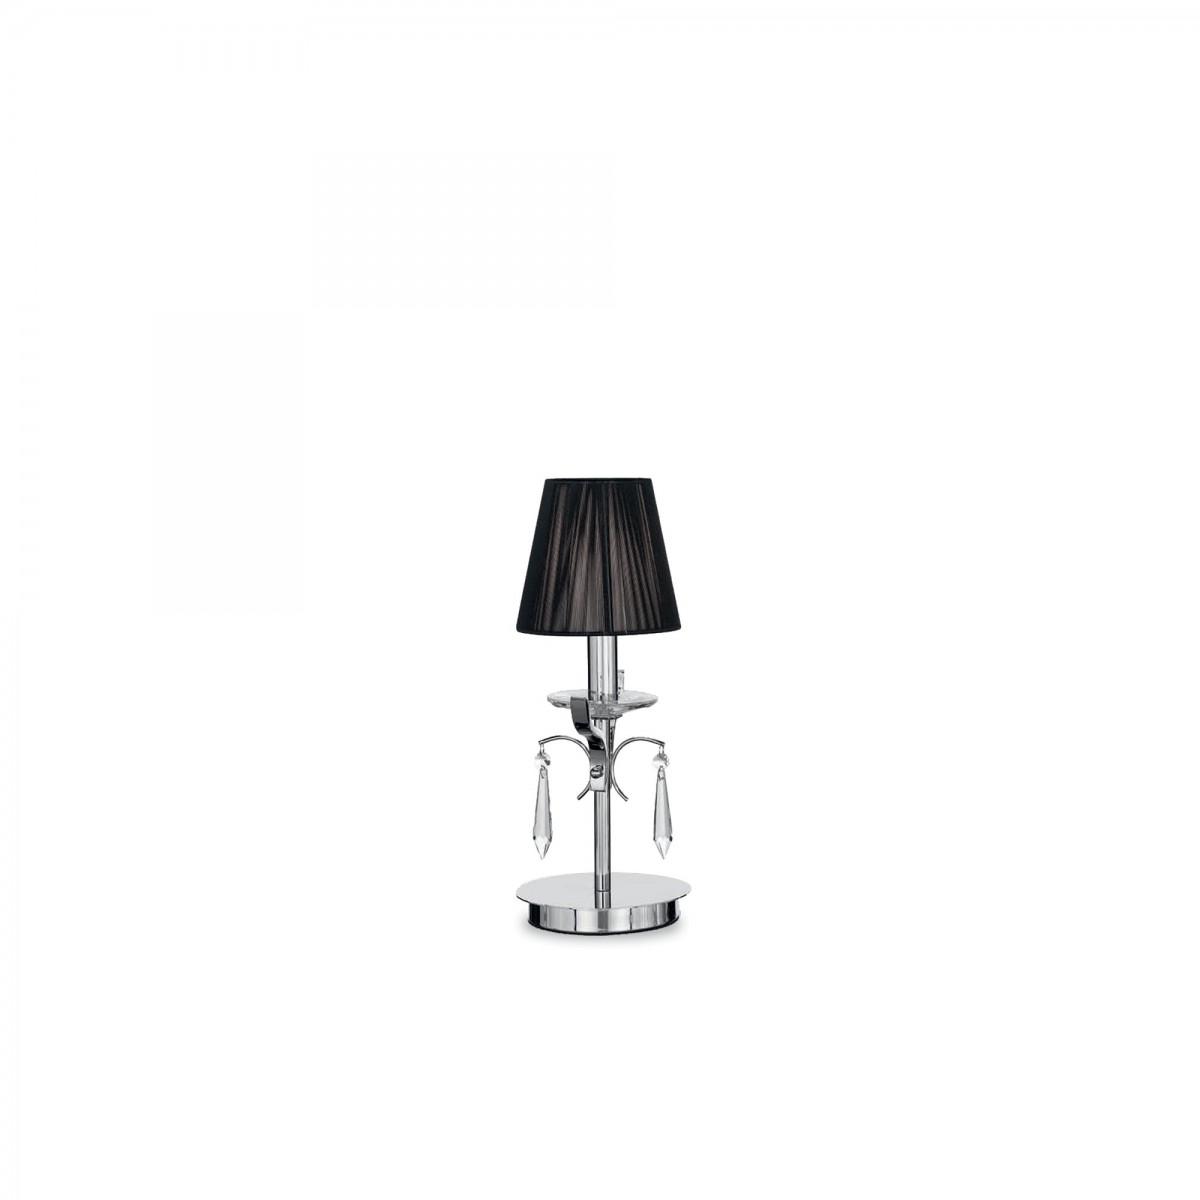 stolní lampa Ideal lux Accademy 023182 1x40W E14 -elegantní komplexní osvětlení